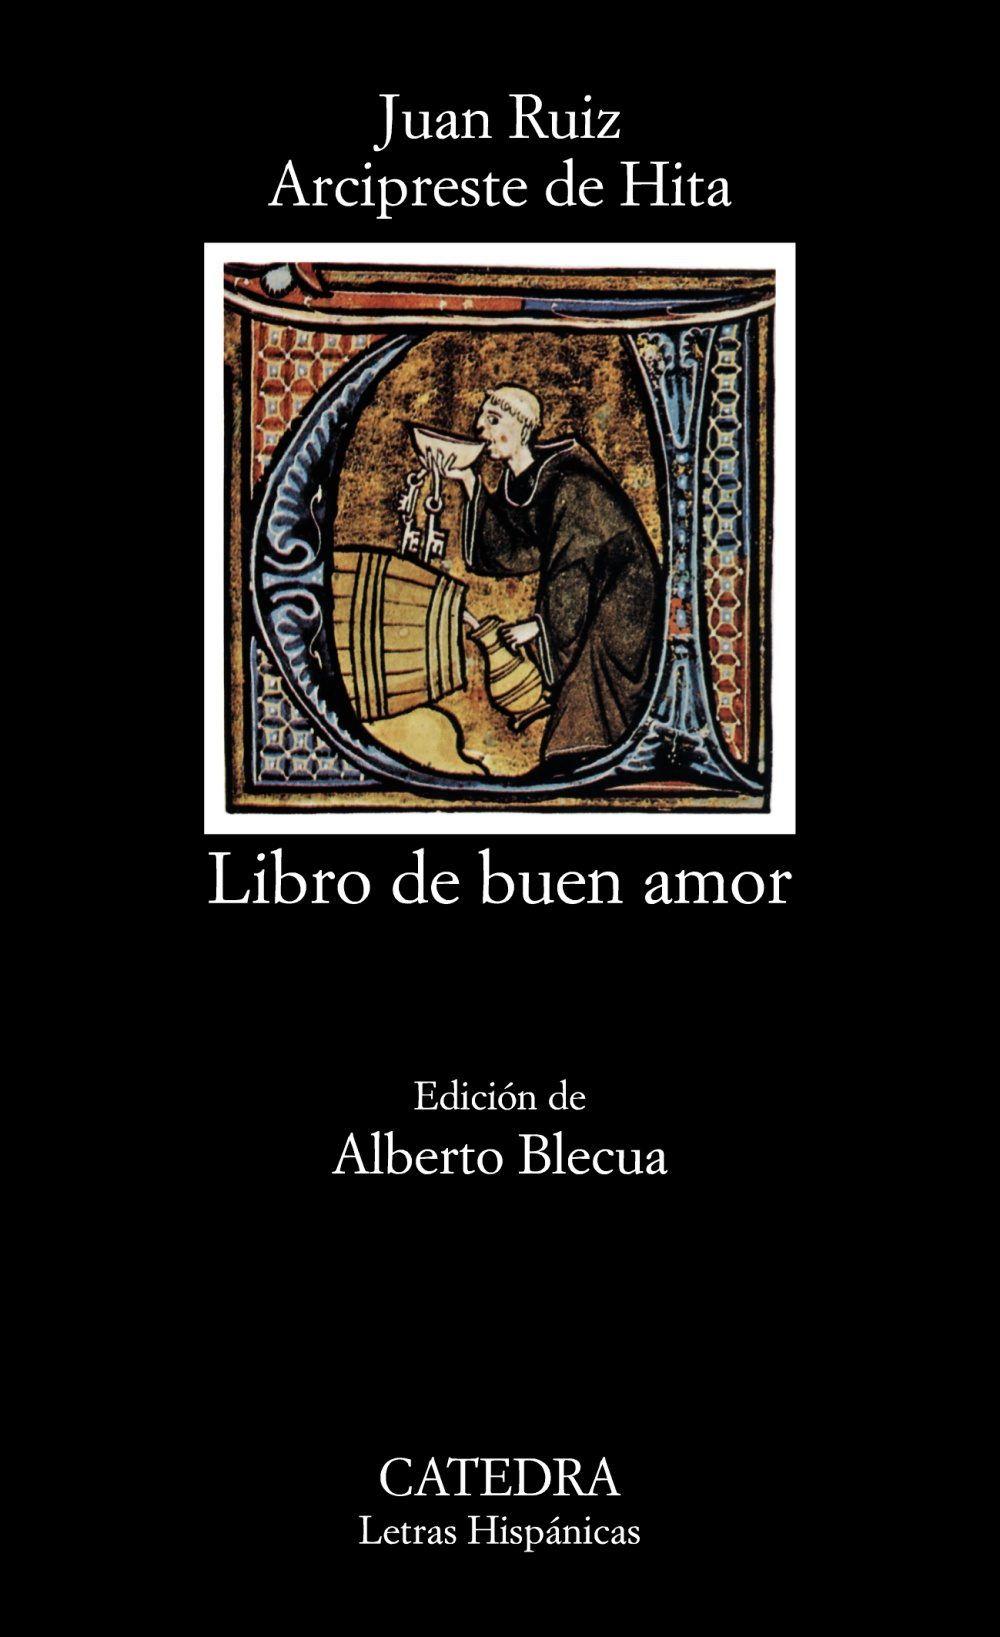 Libro Del Buen Amor 6ª Ed Arcipreste De Hita 9788437610115 Comprar El Libro Letra De Amor Libros Sé Bueno